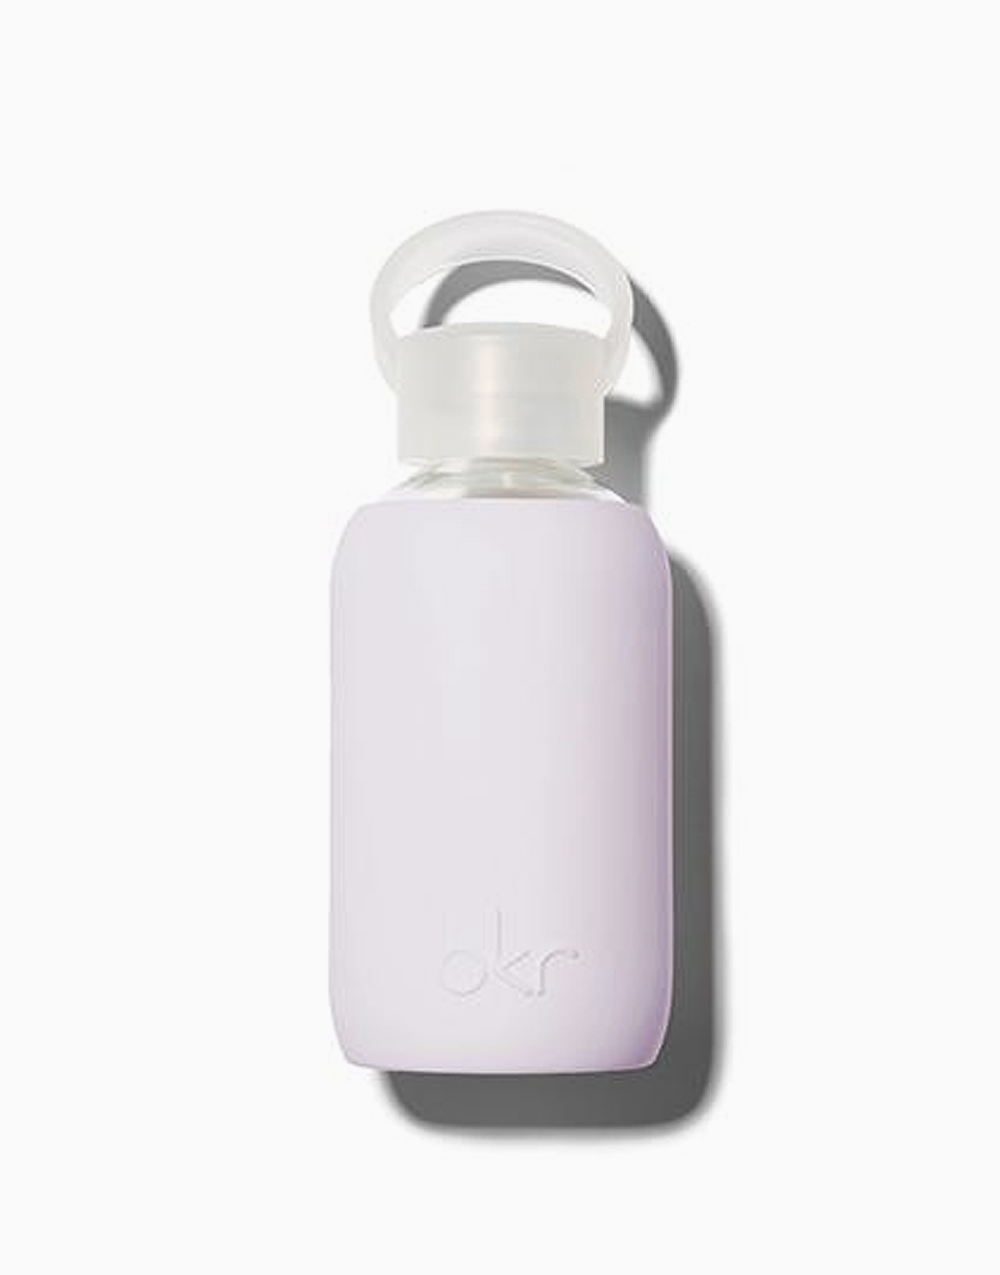 Teeny Water Bottle (250ml) by Bkr | Lala